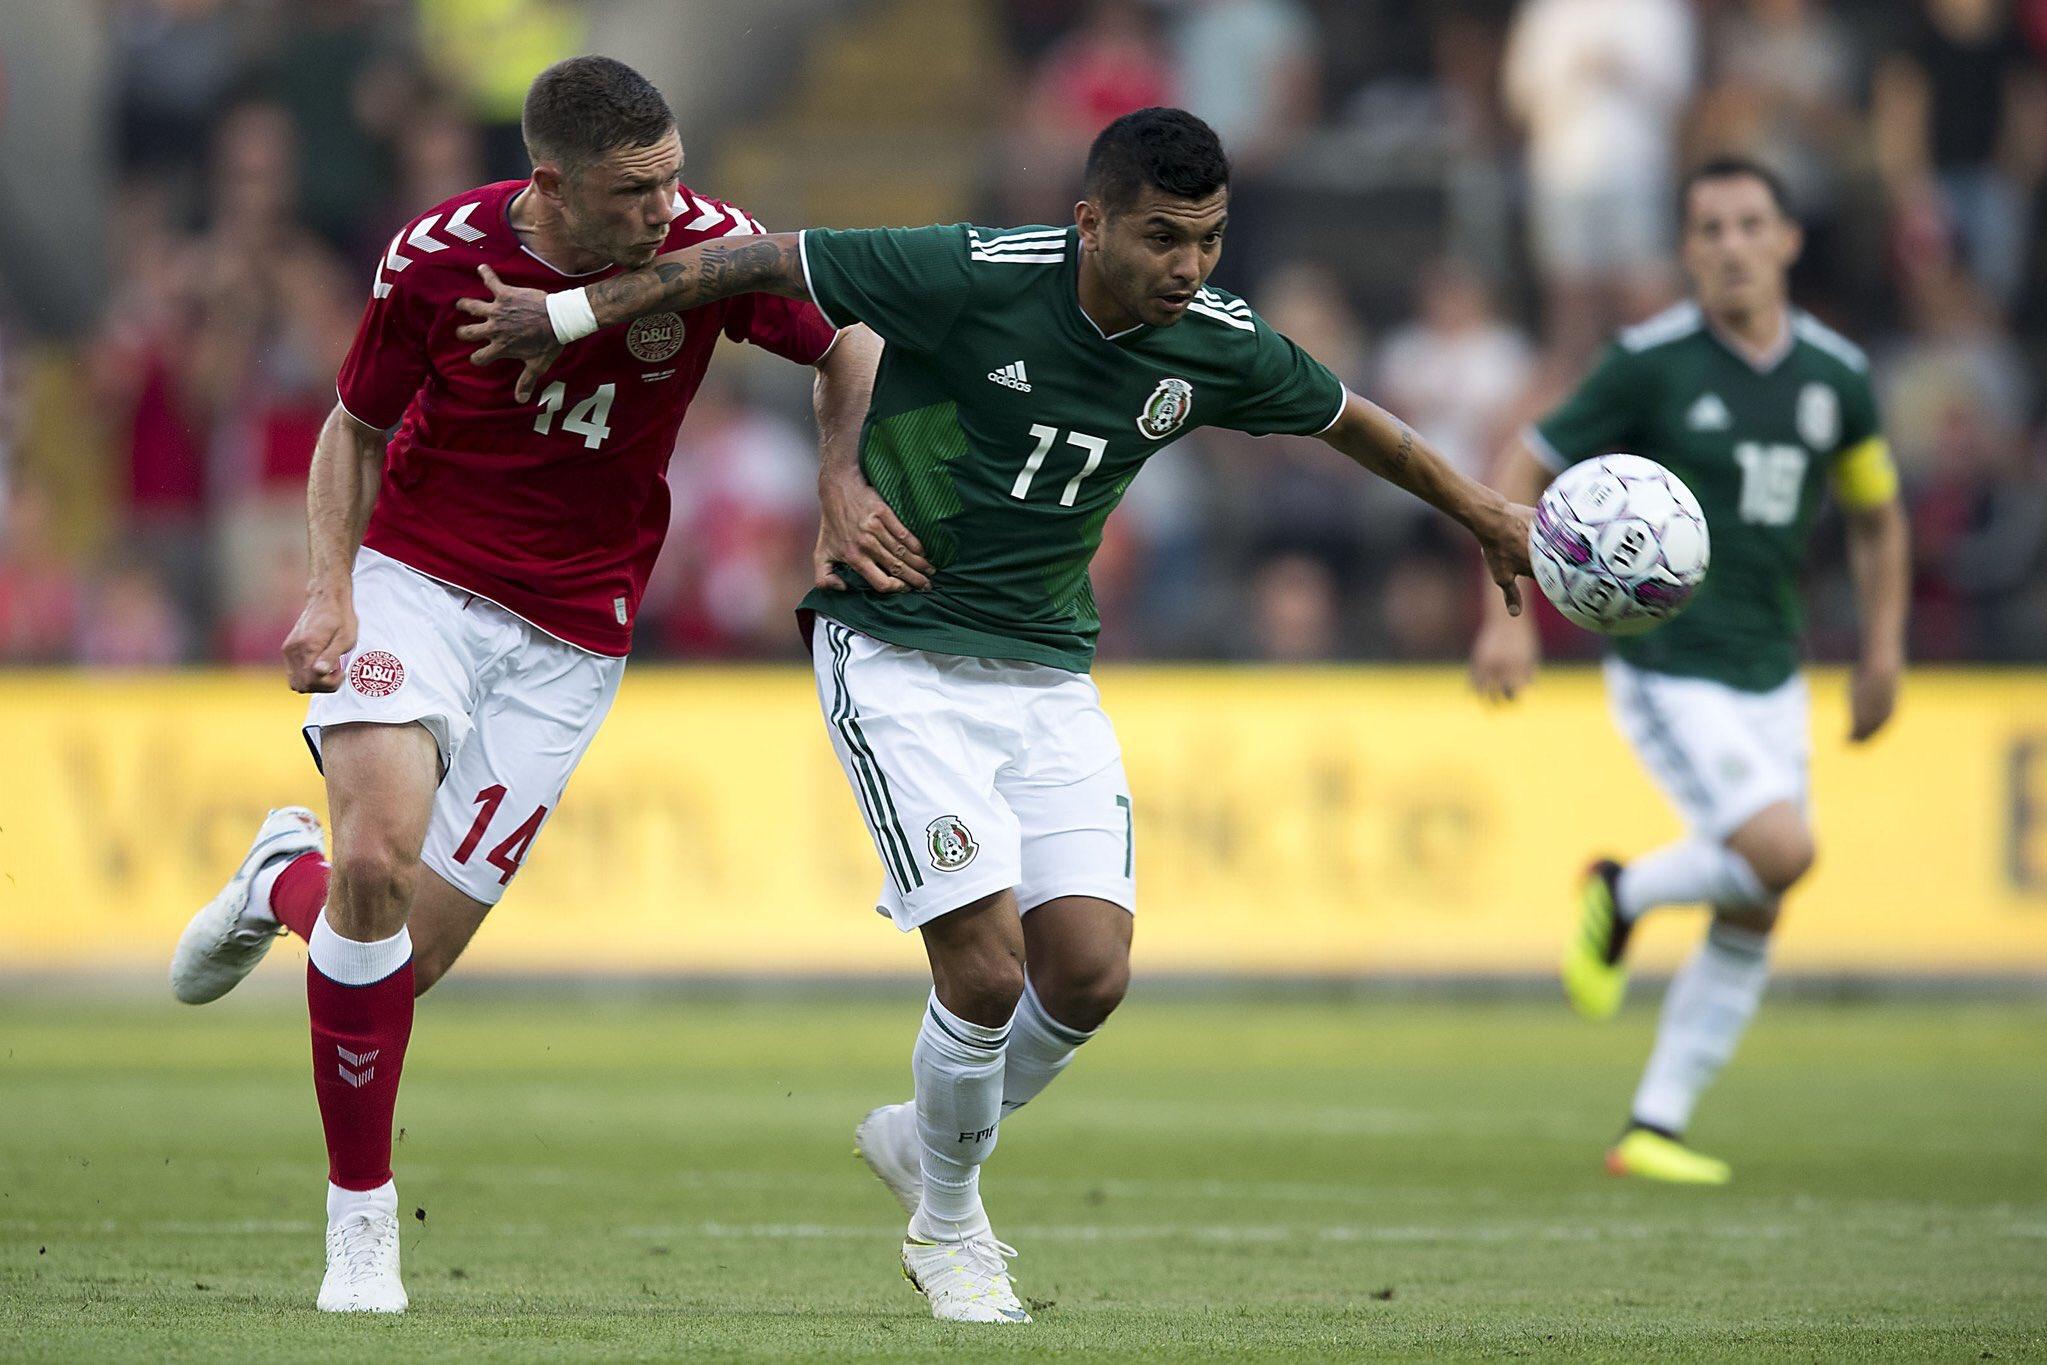 Dinamarca derroto a México 2-0 en Amistoso